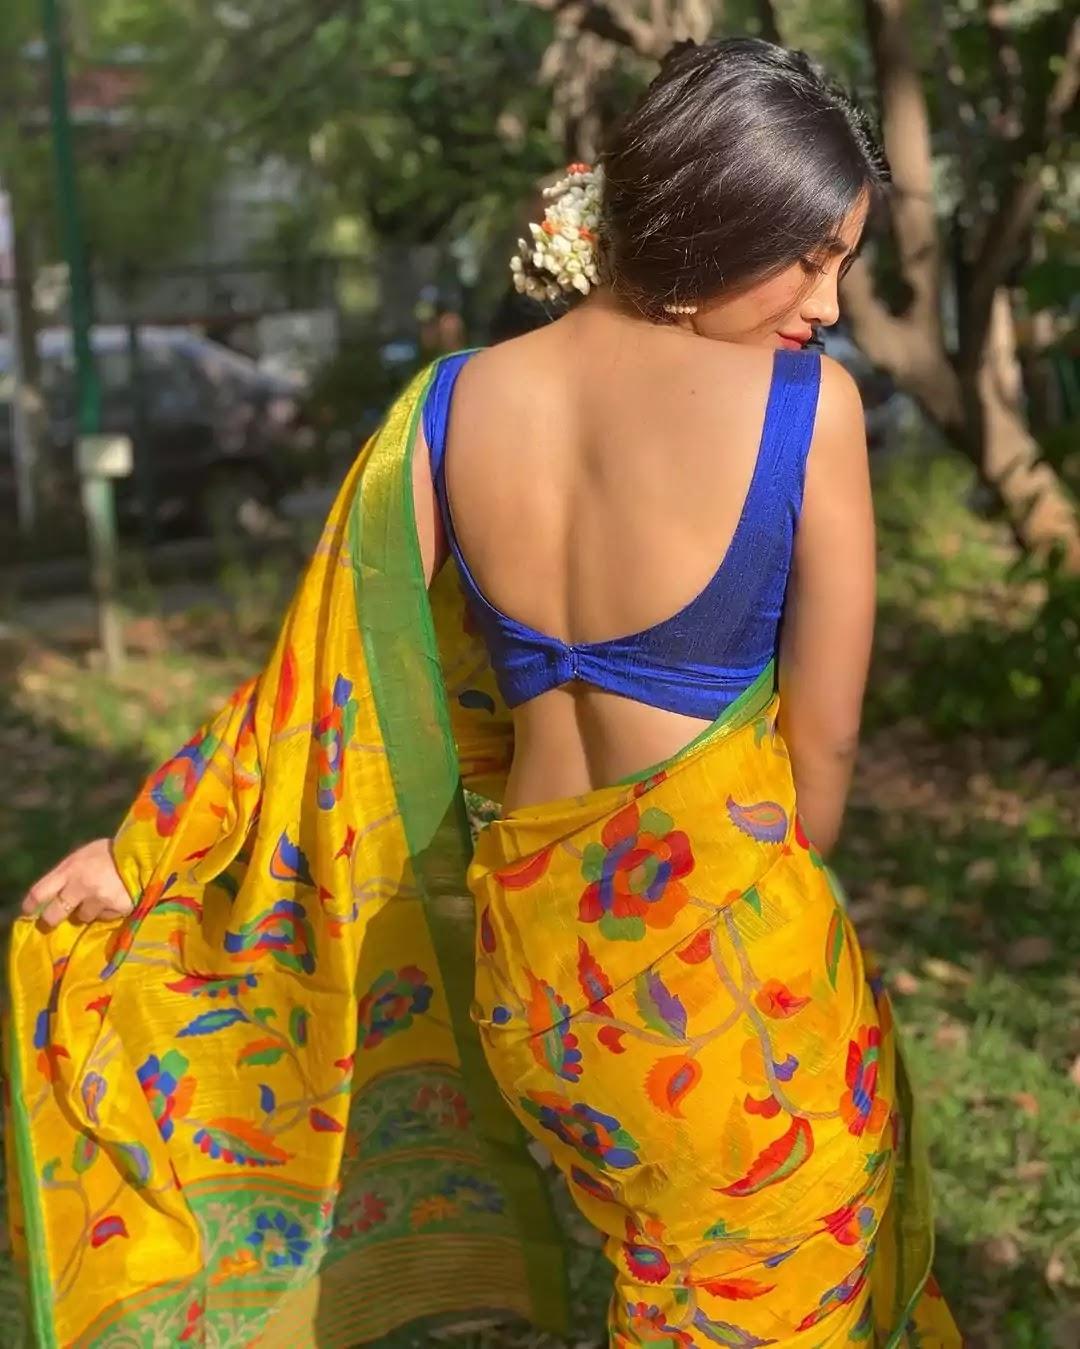 nabha-natesh-in-yellow-saree